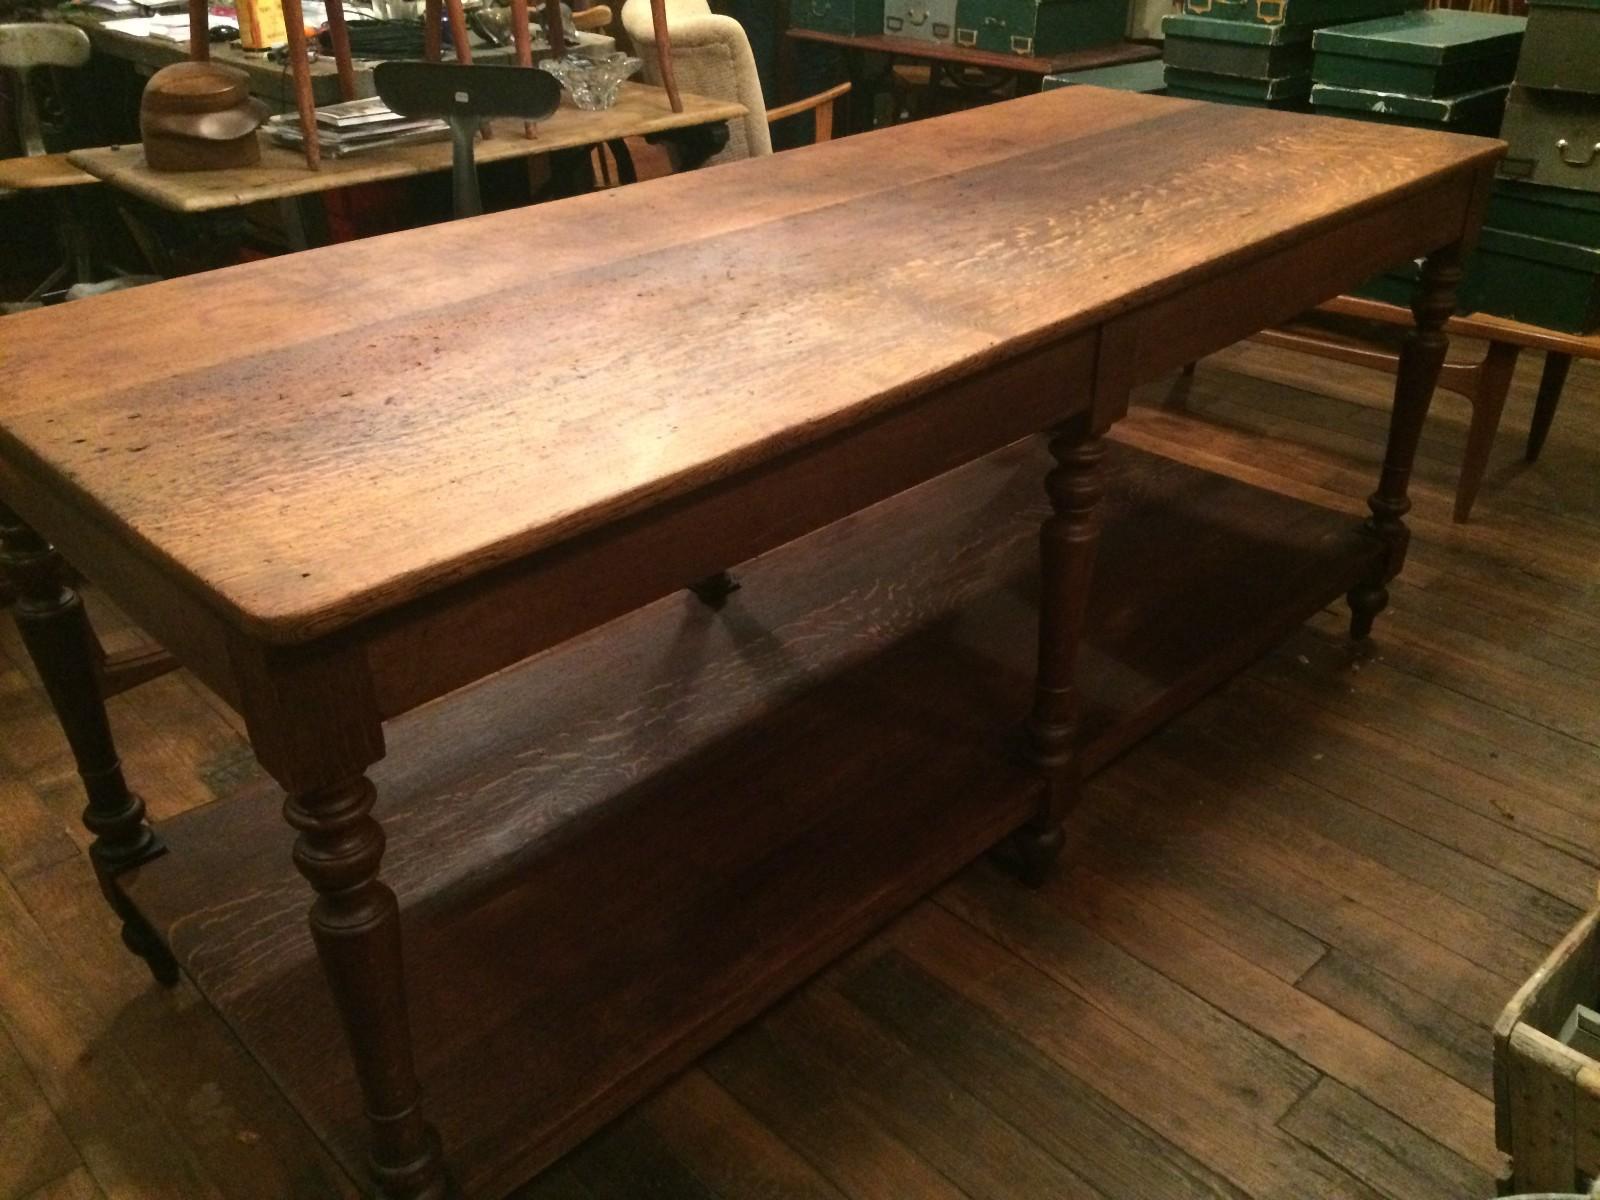 Table de drapier pieds en bois tourn boutique broc martel - Pieds de table bois tourne ...